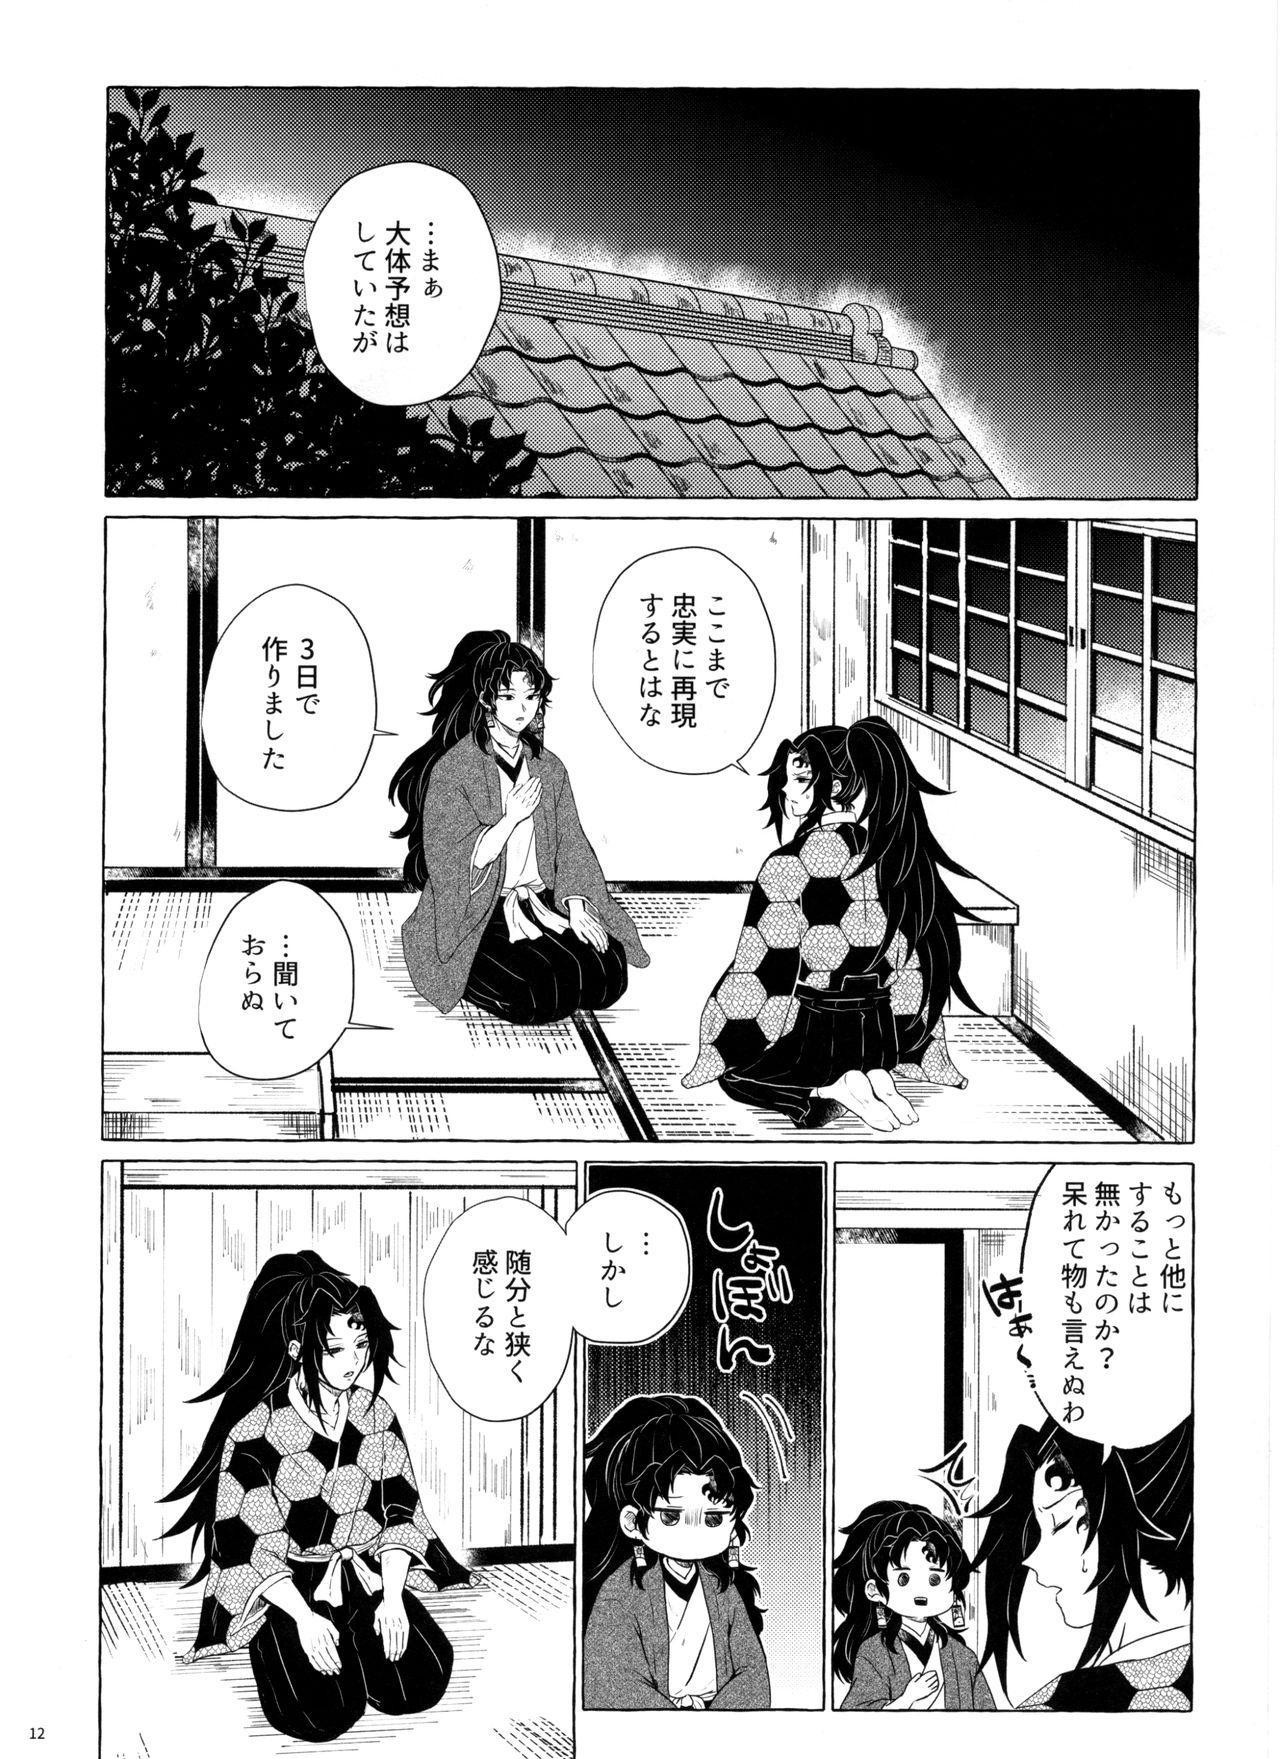 Tanoshii Jigoku no Icchoume 10